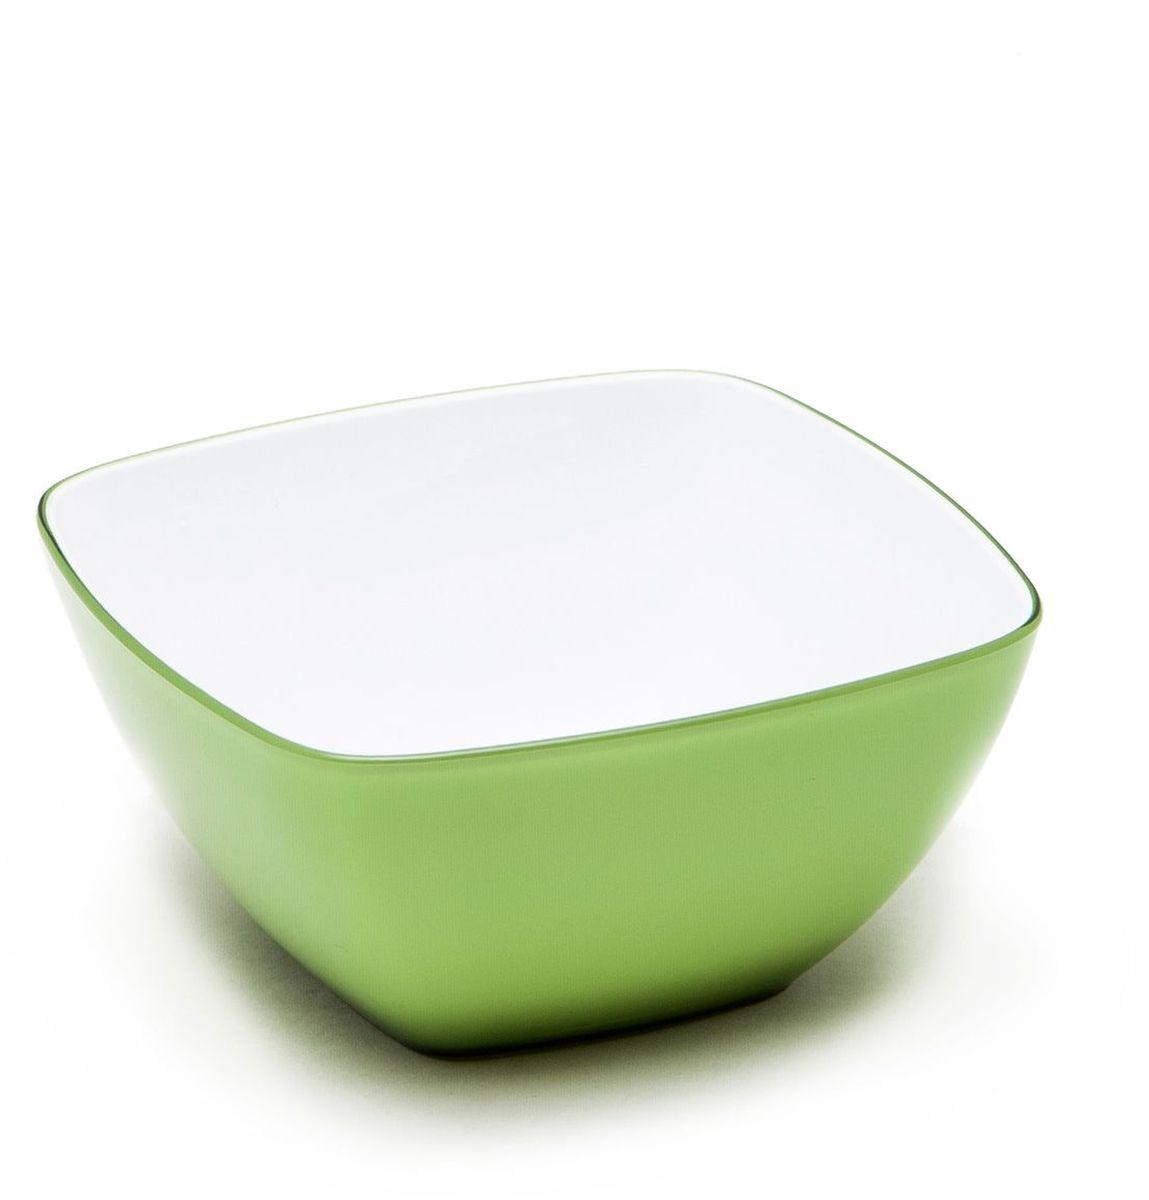 Миска MoulinVilla, цвет: зеленый, 14 х 14 смL-14GМиска компании Moulinvilla изготовлена из высококачественного акрила. Благодаря оригинальному и привлекательному дизайну выполняет не только практичную, но и декоративную функцию. Белый цвет внутренней поверхности и сочный, интенсивный цвет снаружи отлично контрастируют. В ней можно сервировать салаты, фрукты, закуски, десерты, печенье, сладости и т.д. Состав: Акрил. Можно мыть в посудомоечной машине.